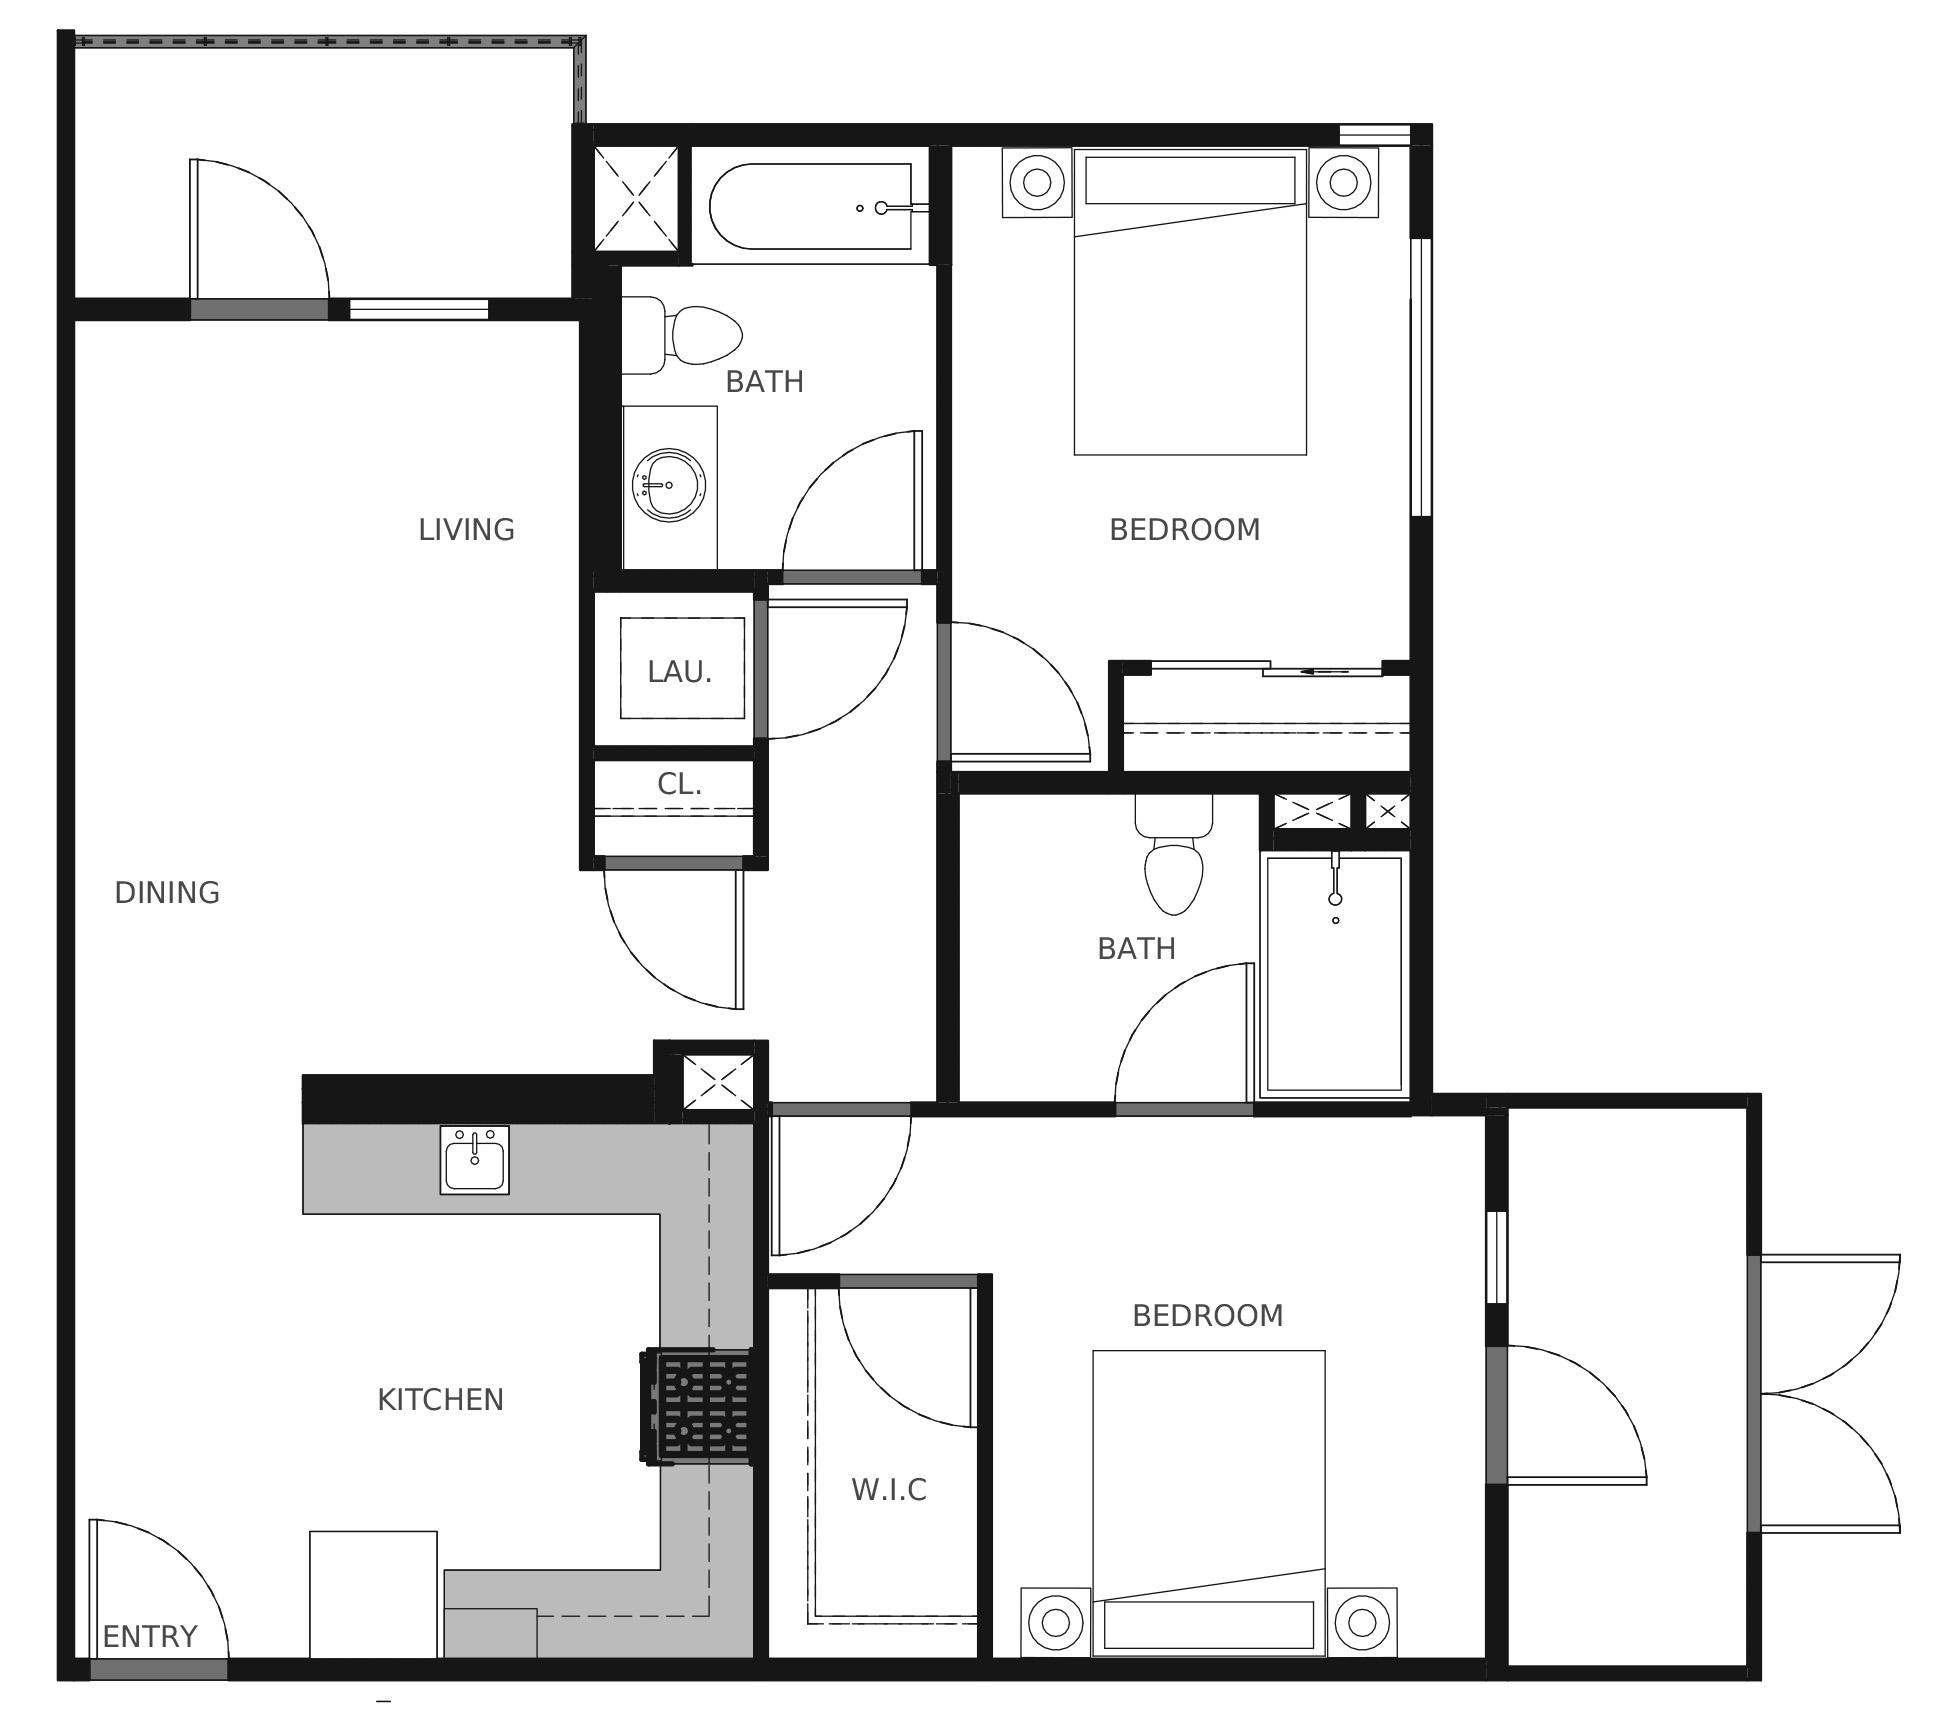 Plan B1 - 906 sq. ft.